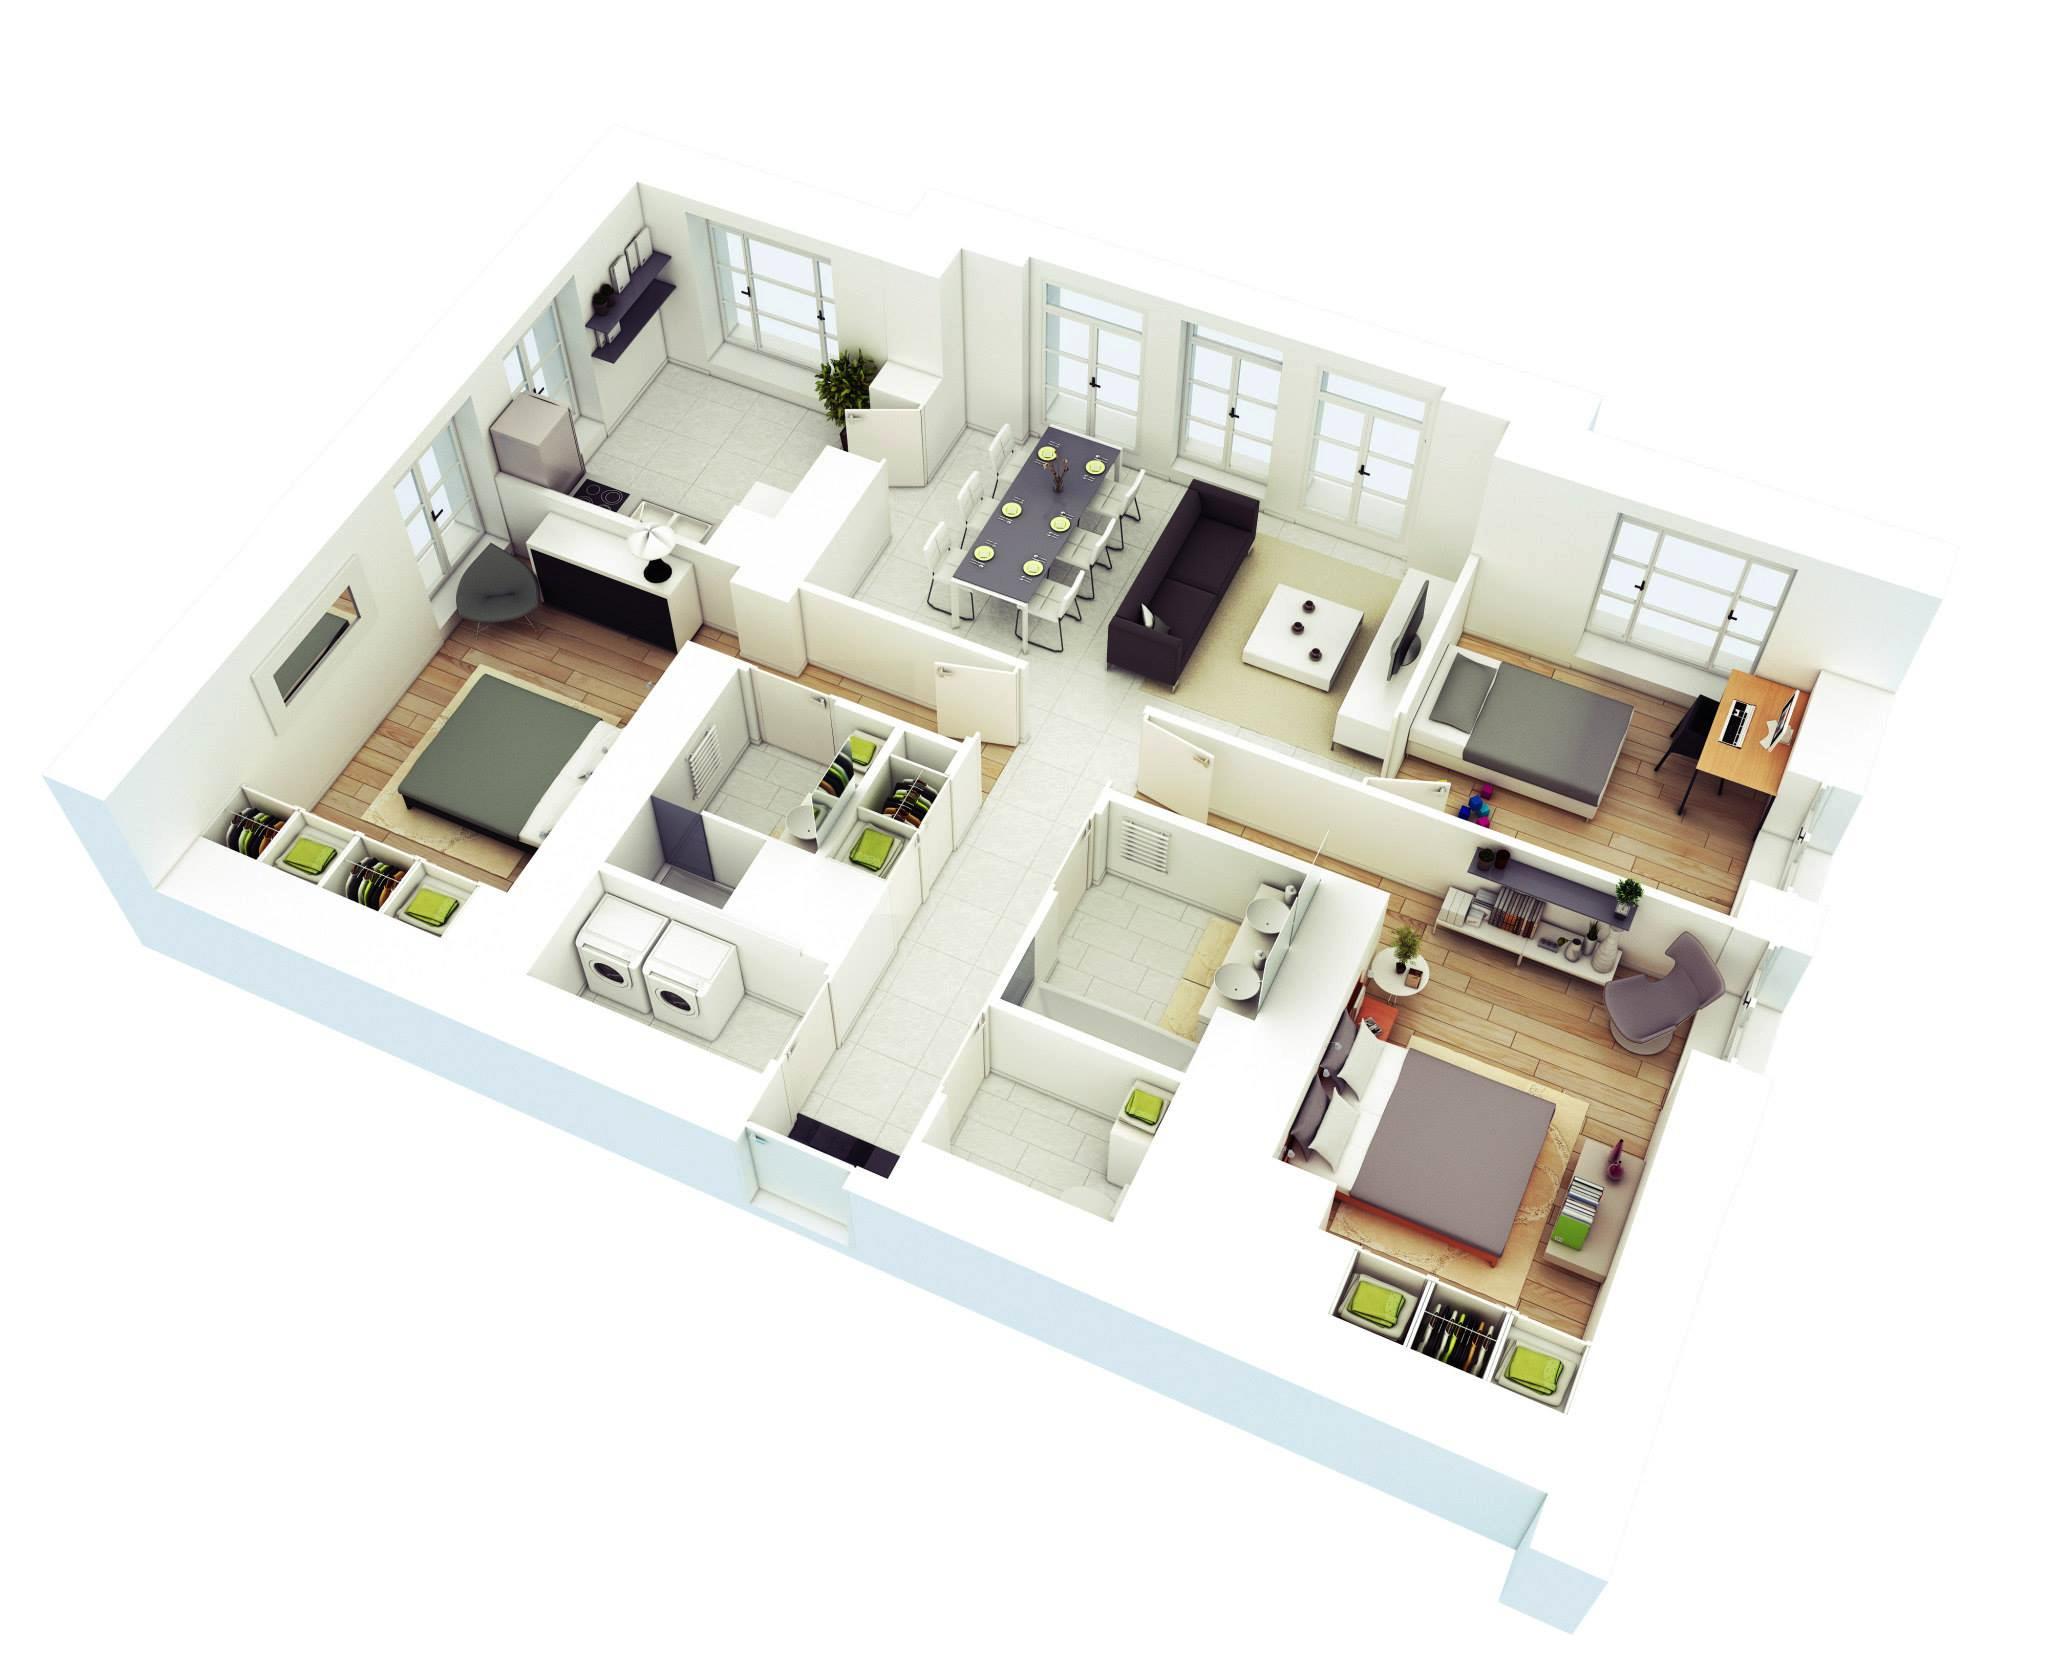 Casa con muebles de colores claros arquitectura y deco for Colores claros para casas